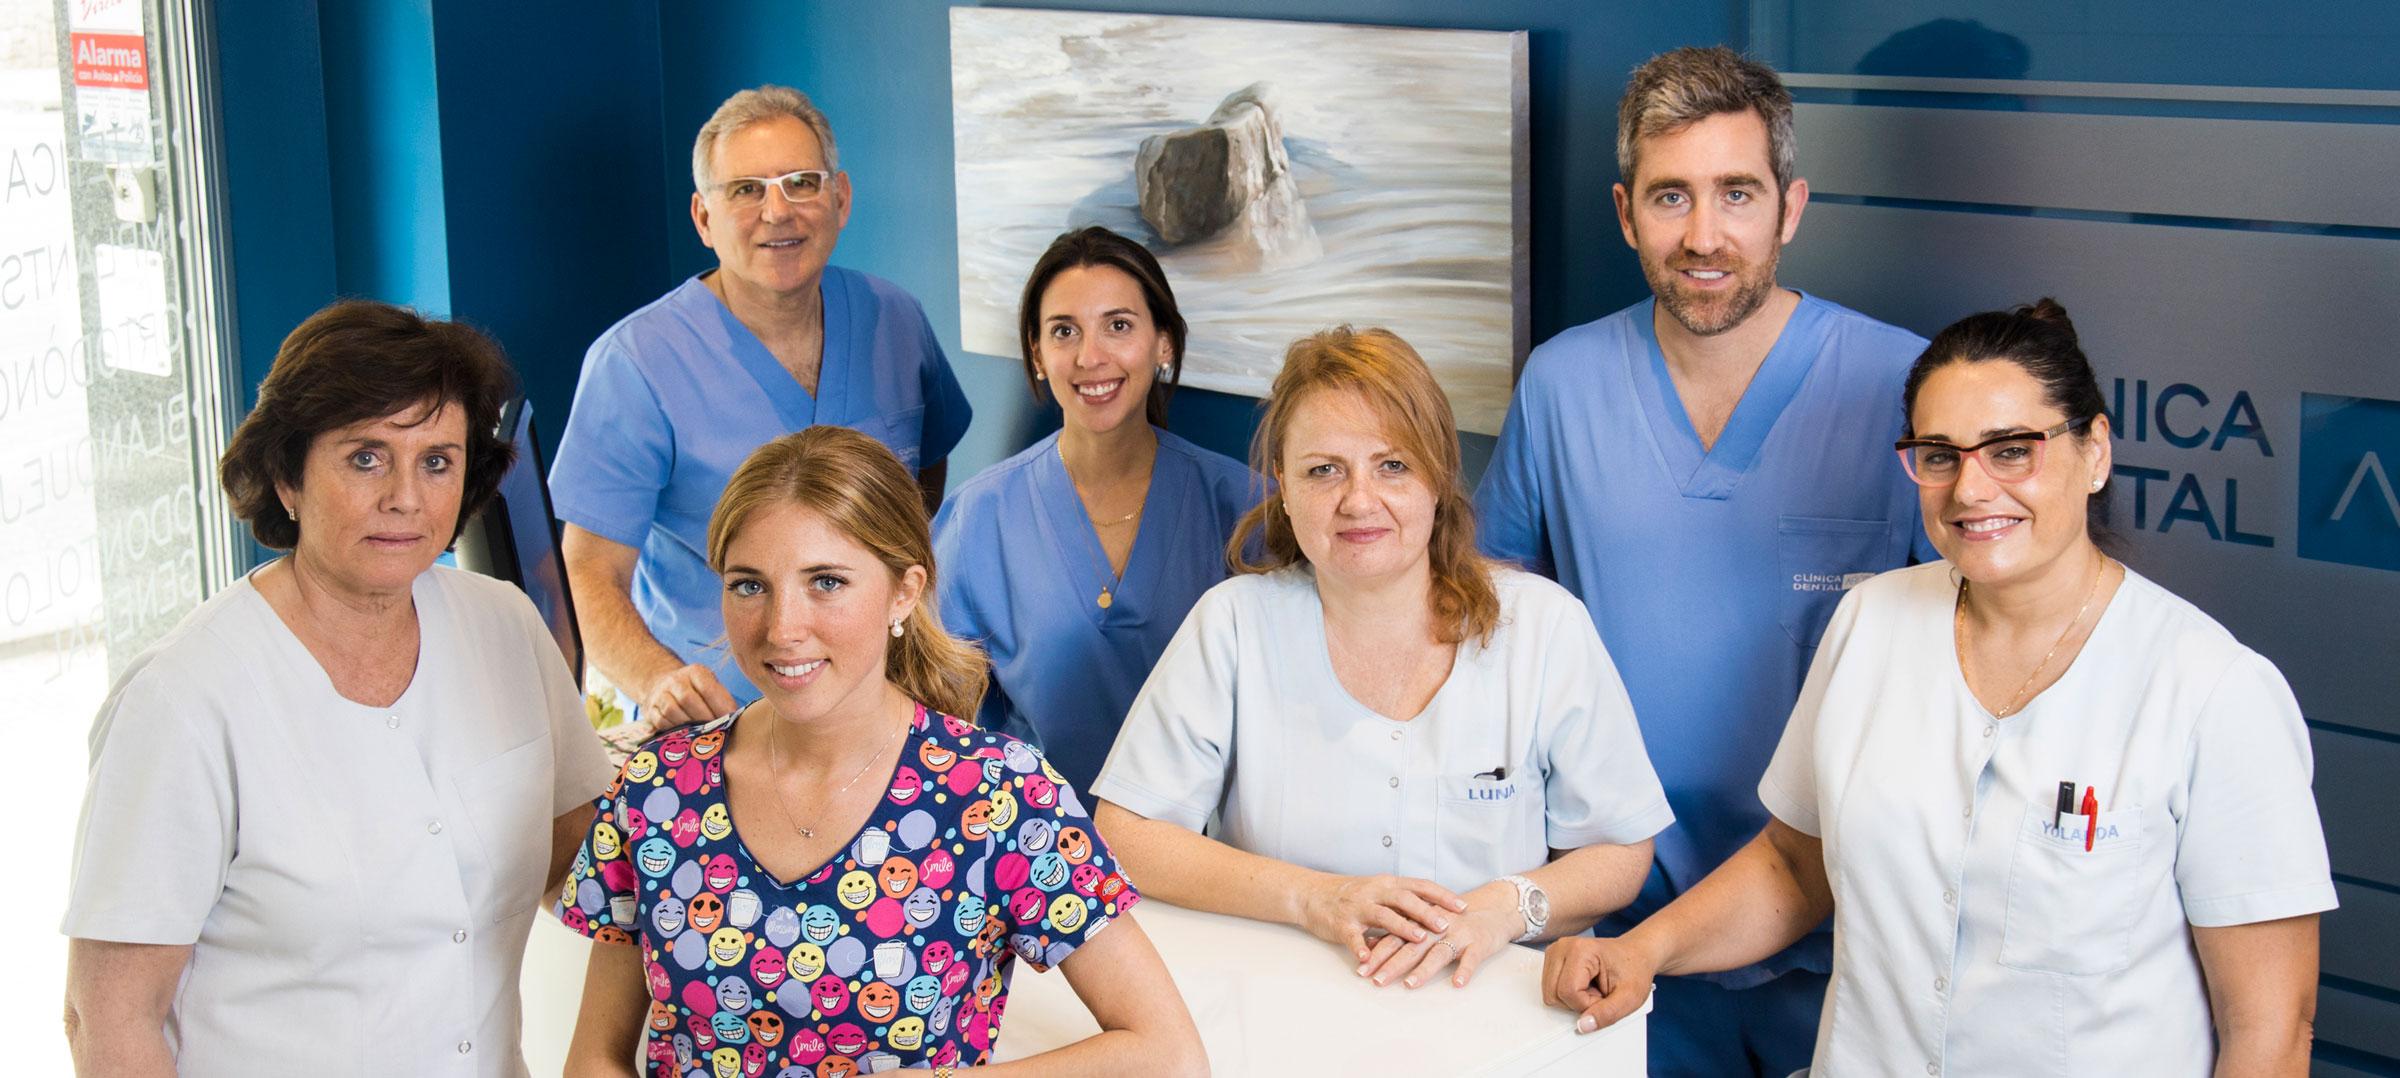 clinica arus